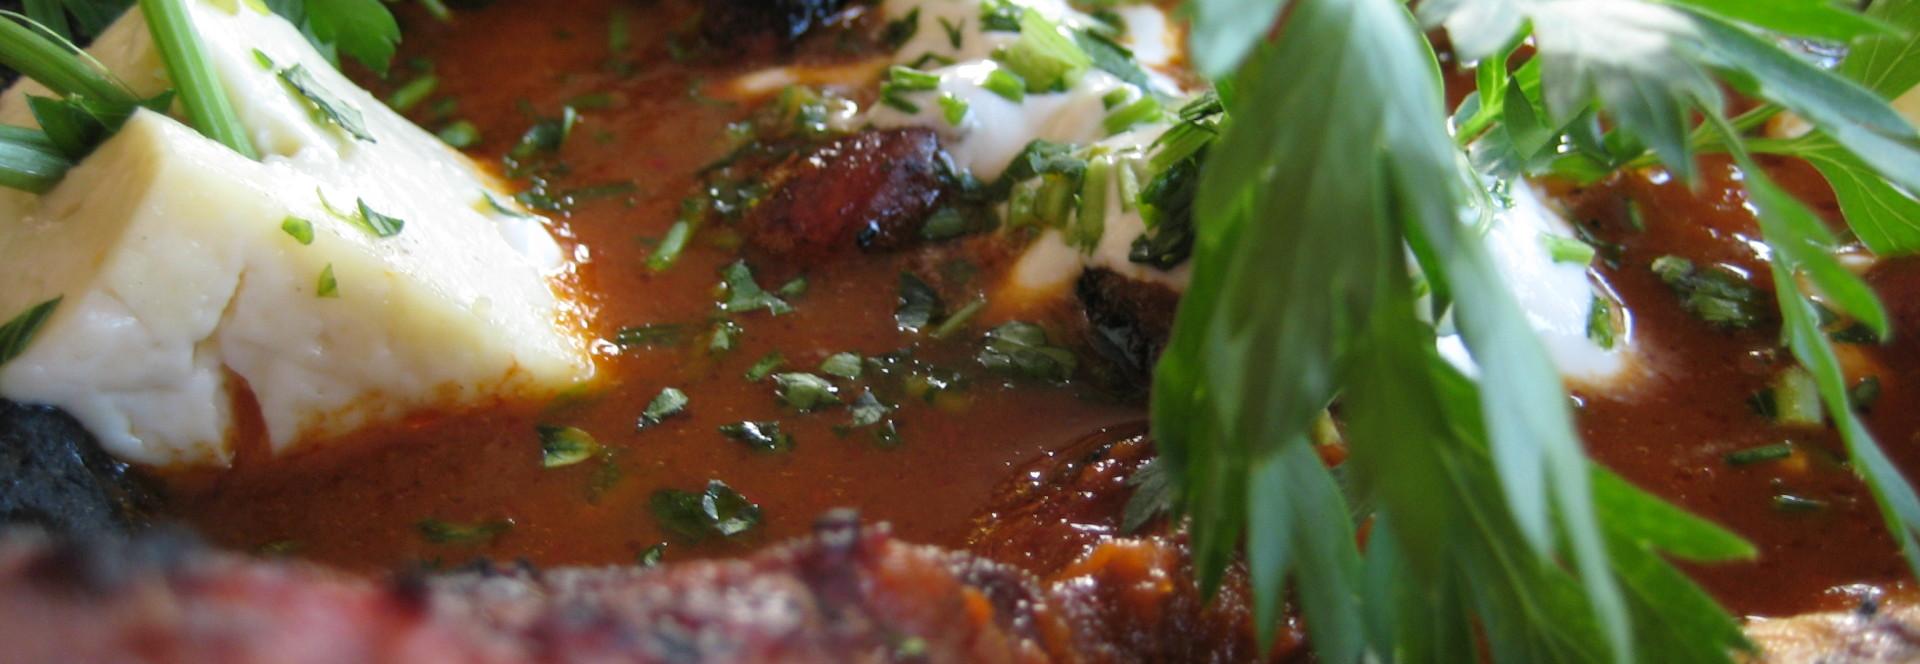 sayulita-food